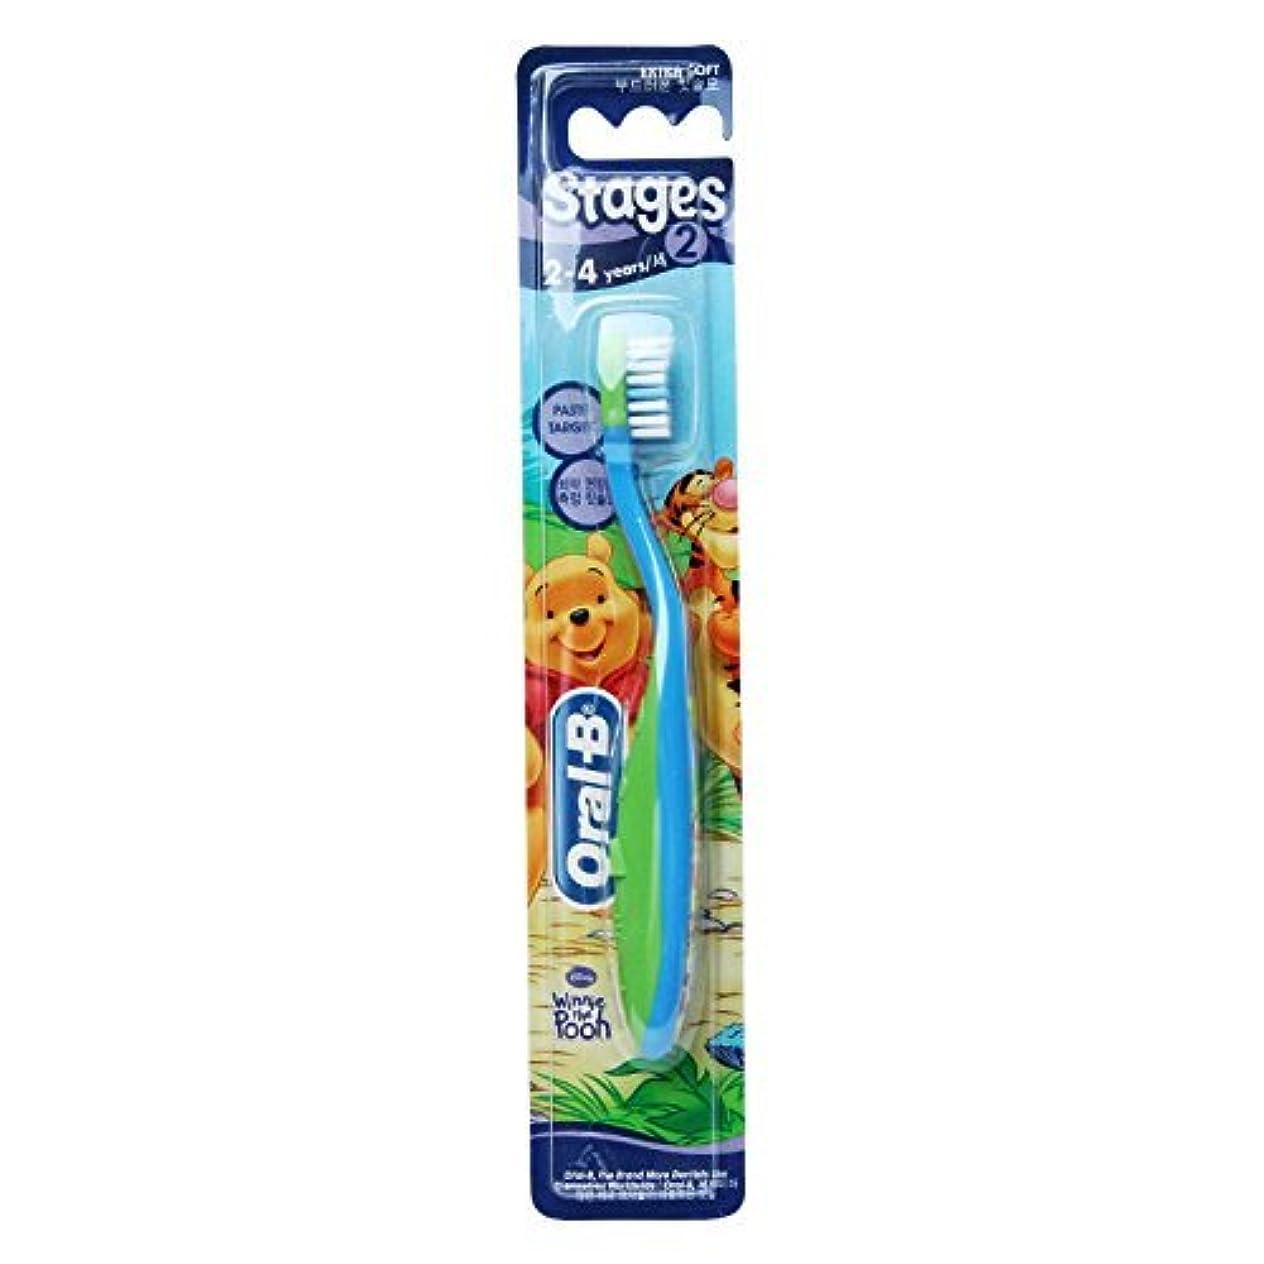 食事を調理する渇きバルコニーOral-B Stages 2 Toothbrush 2 - 4 years 1 Pack /GENUINEと元の梱包 [並行輸入品]